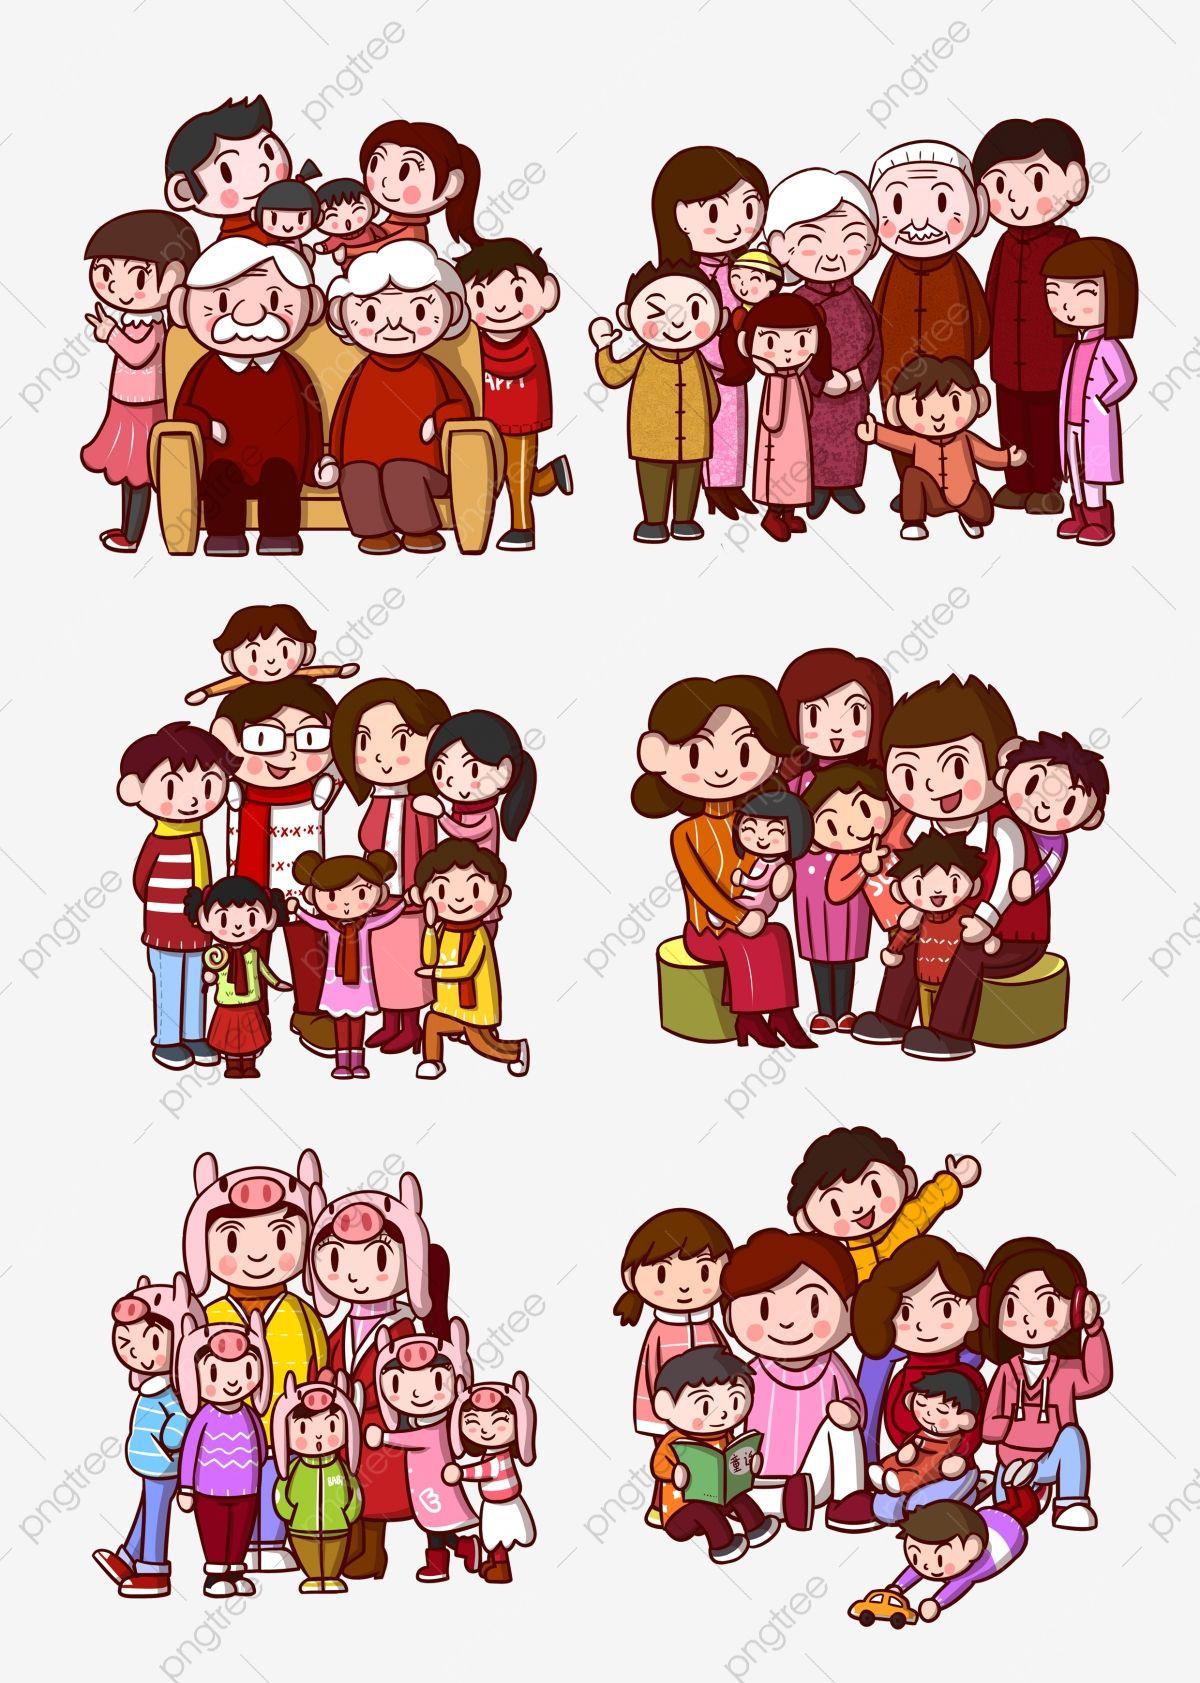 ภาพการ ต นครอบคร ว ภาพต ดปะครอบคร ว พ อแม เด กภาพ Png และ Psd สำหร บดาวน โหลดฟร Family Cartoon Cartoon Head Person Cartoon